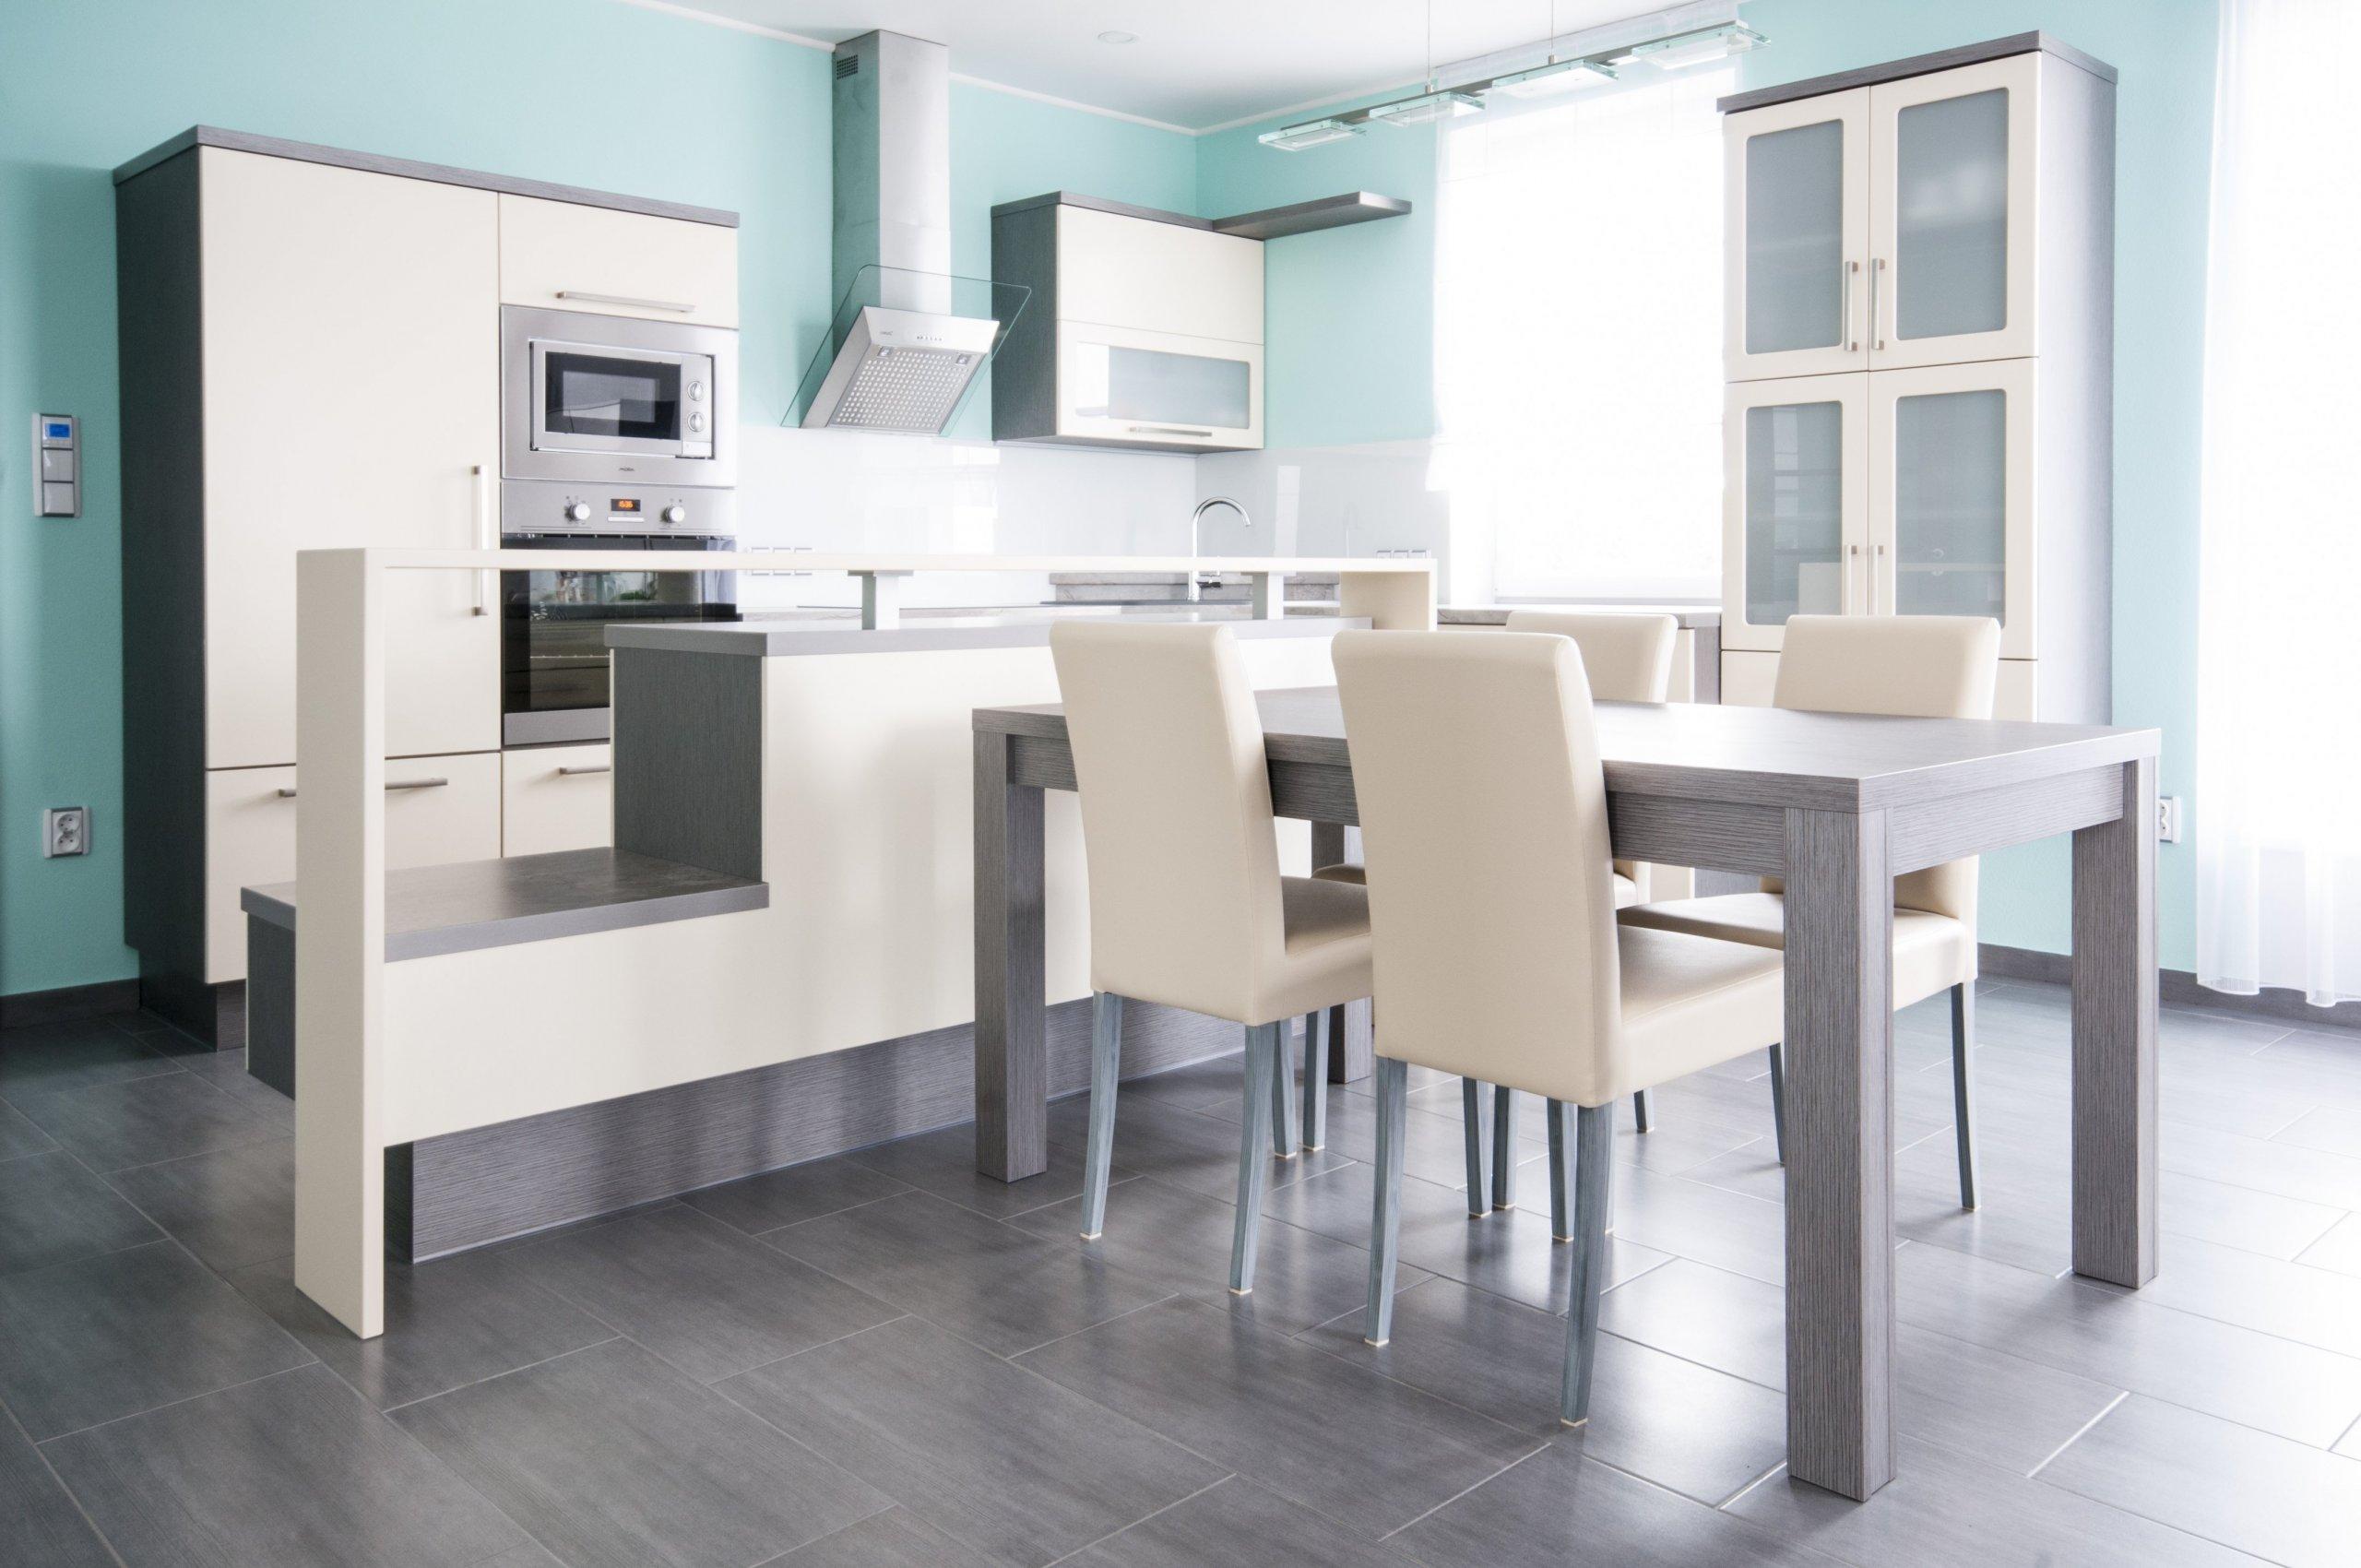 Do posledního detailu vyladěná kuchyň zapadá do celkového konceptu interiéru novostavby. Několik zajímavých designových prvků kuchyň odlehčuje a odlišuje od…